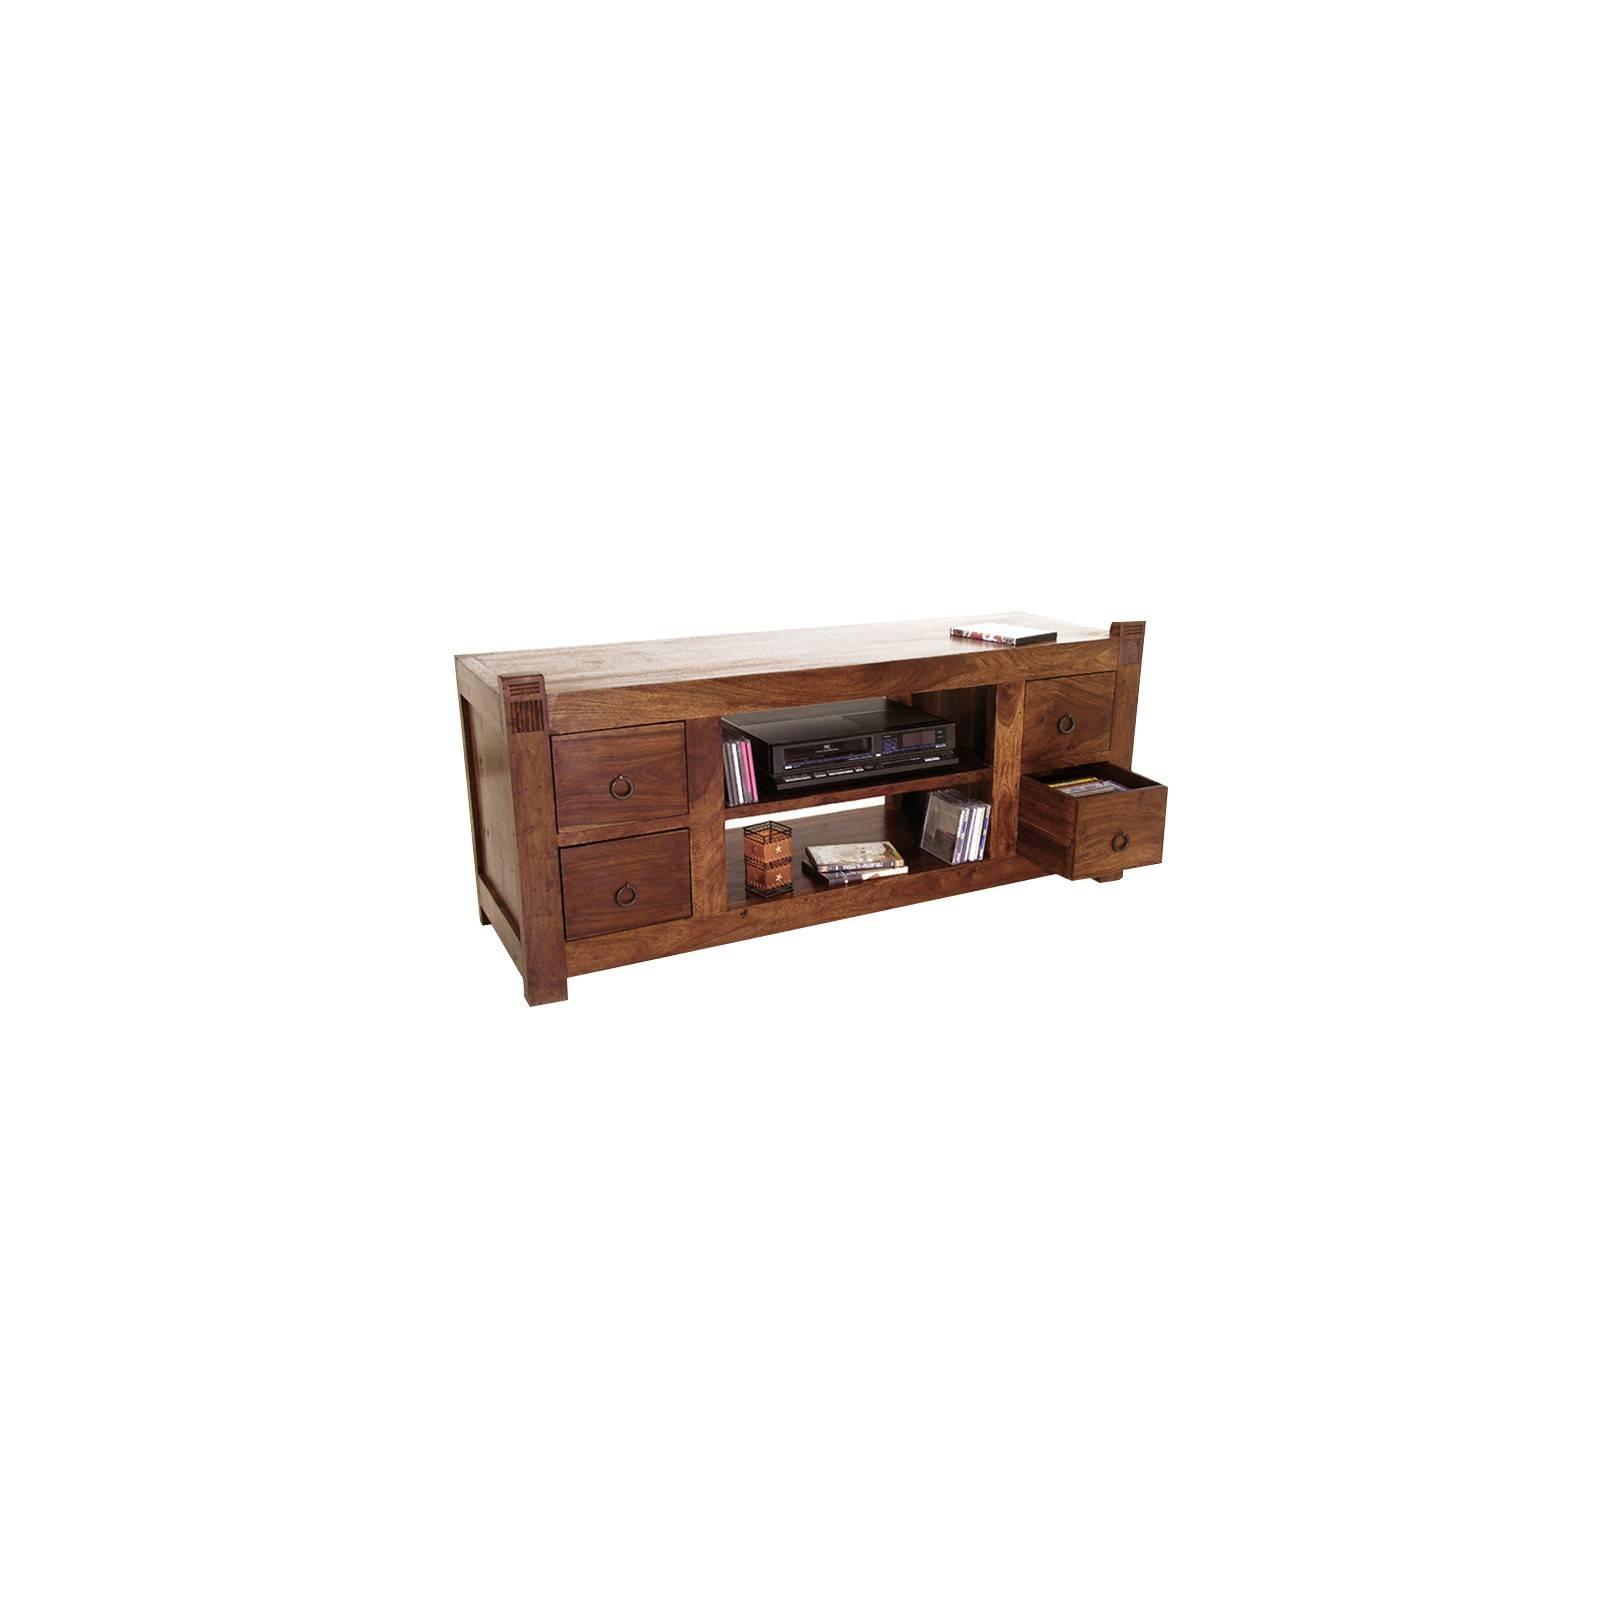 Mobilier de salon à l'esprit primitif avec un meuble Tv en bois massif